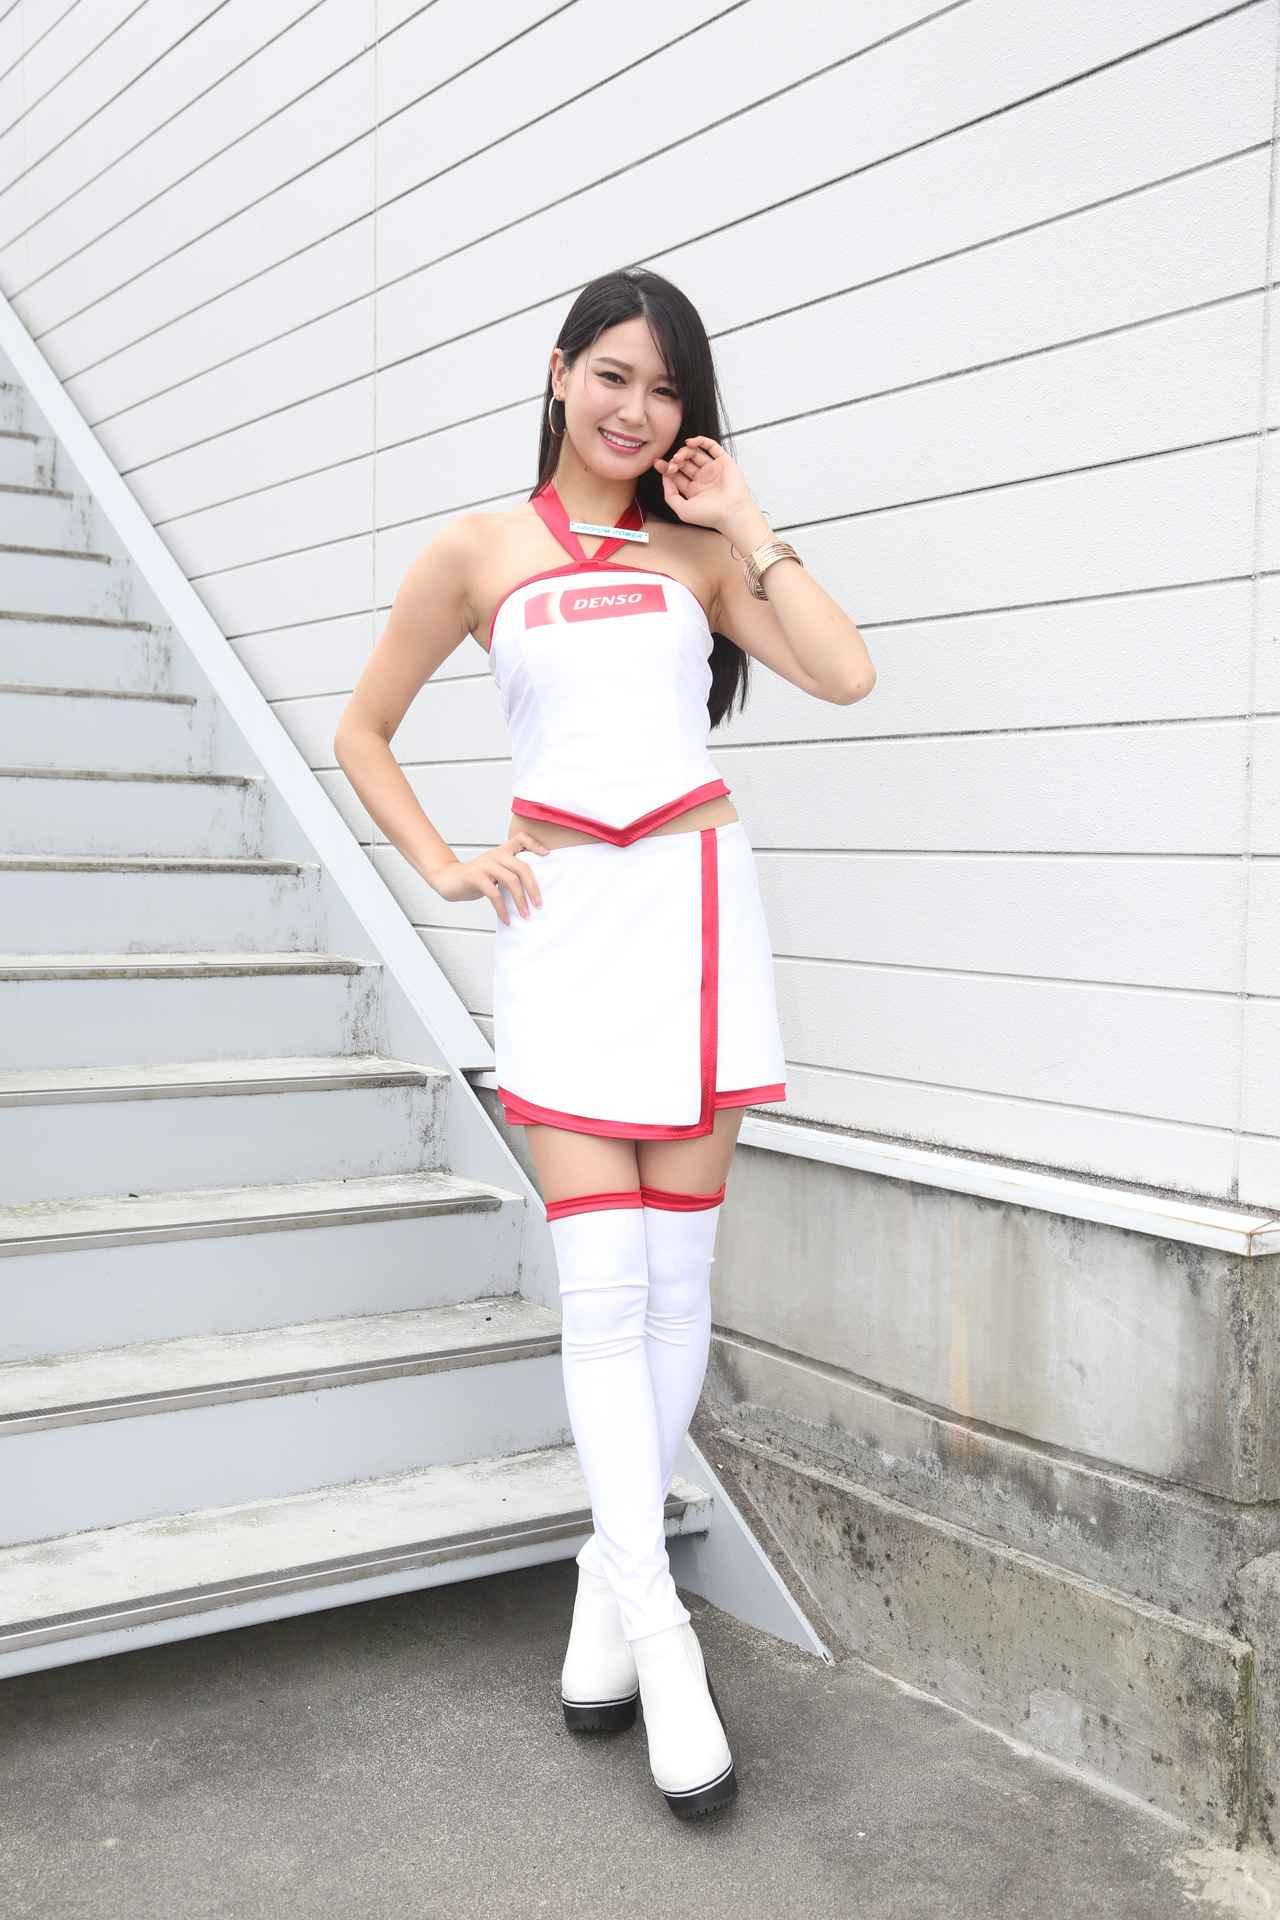 画像2: DENSO鈴鹿8耐レースクィーンは荒井つかさ さん!